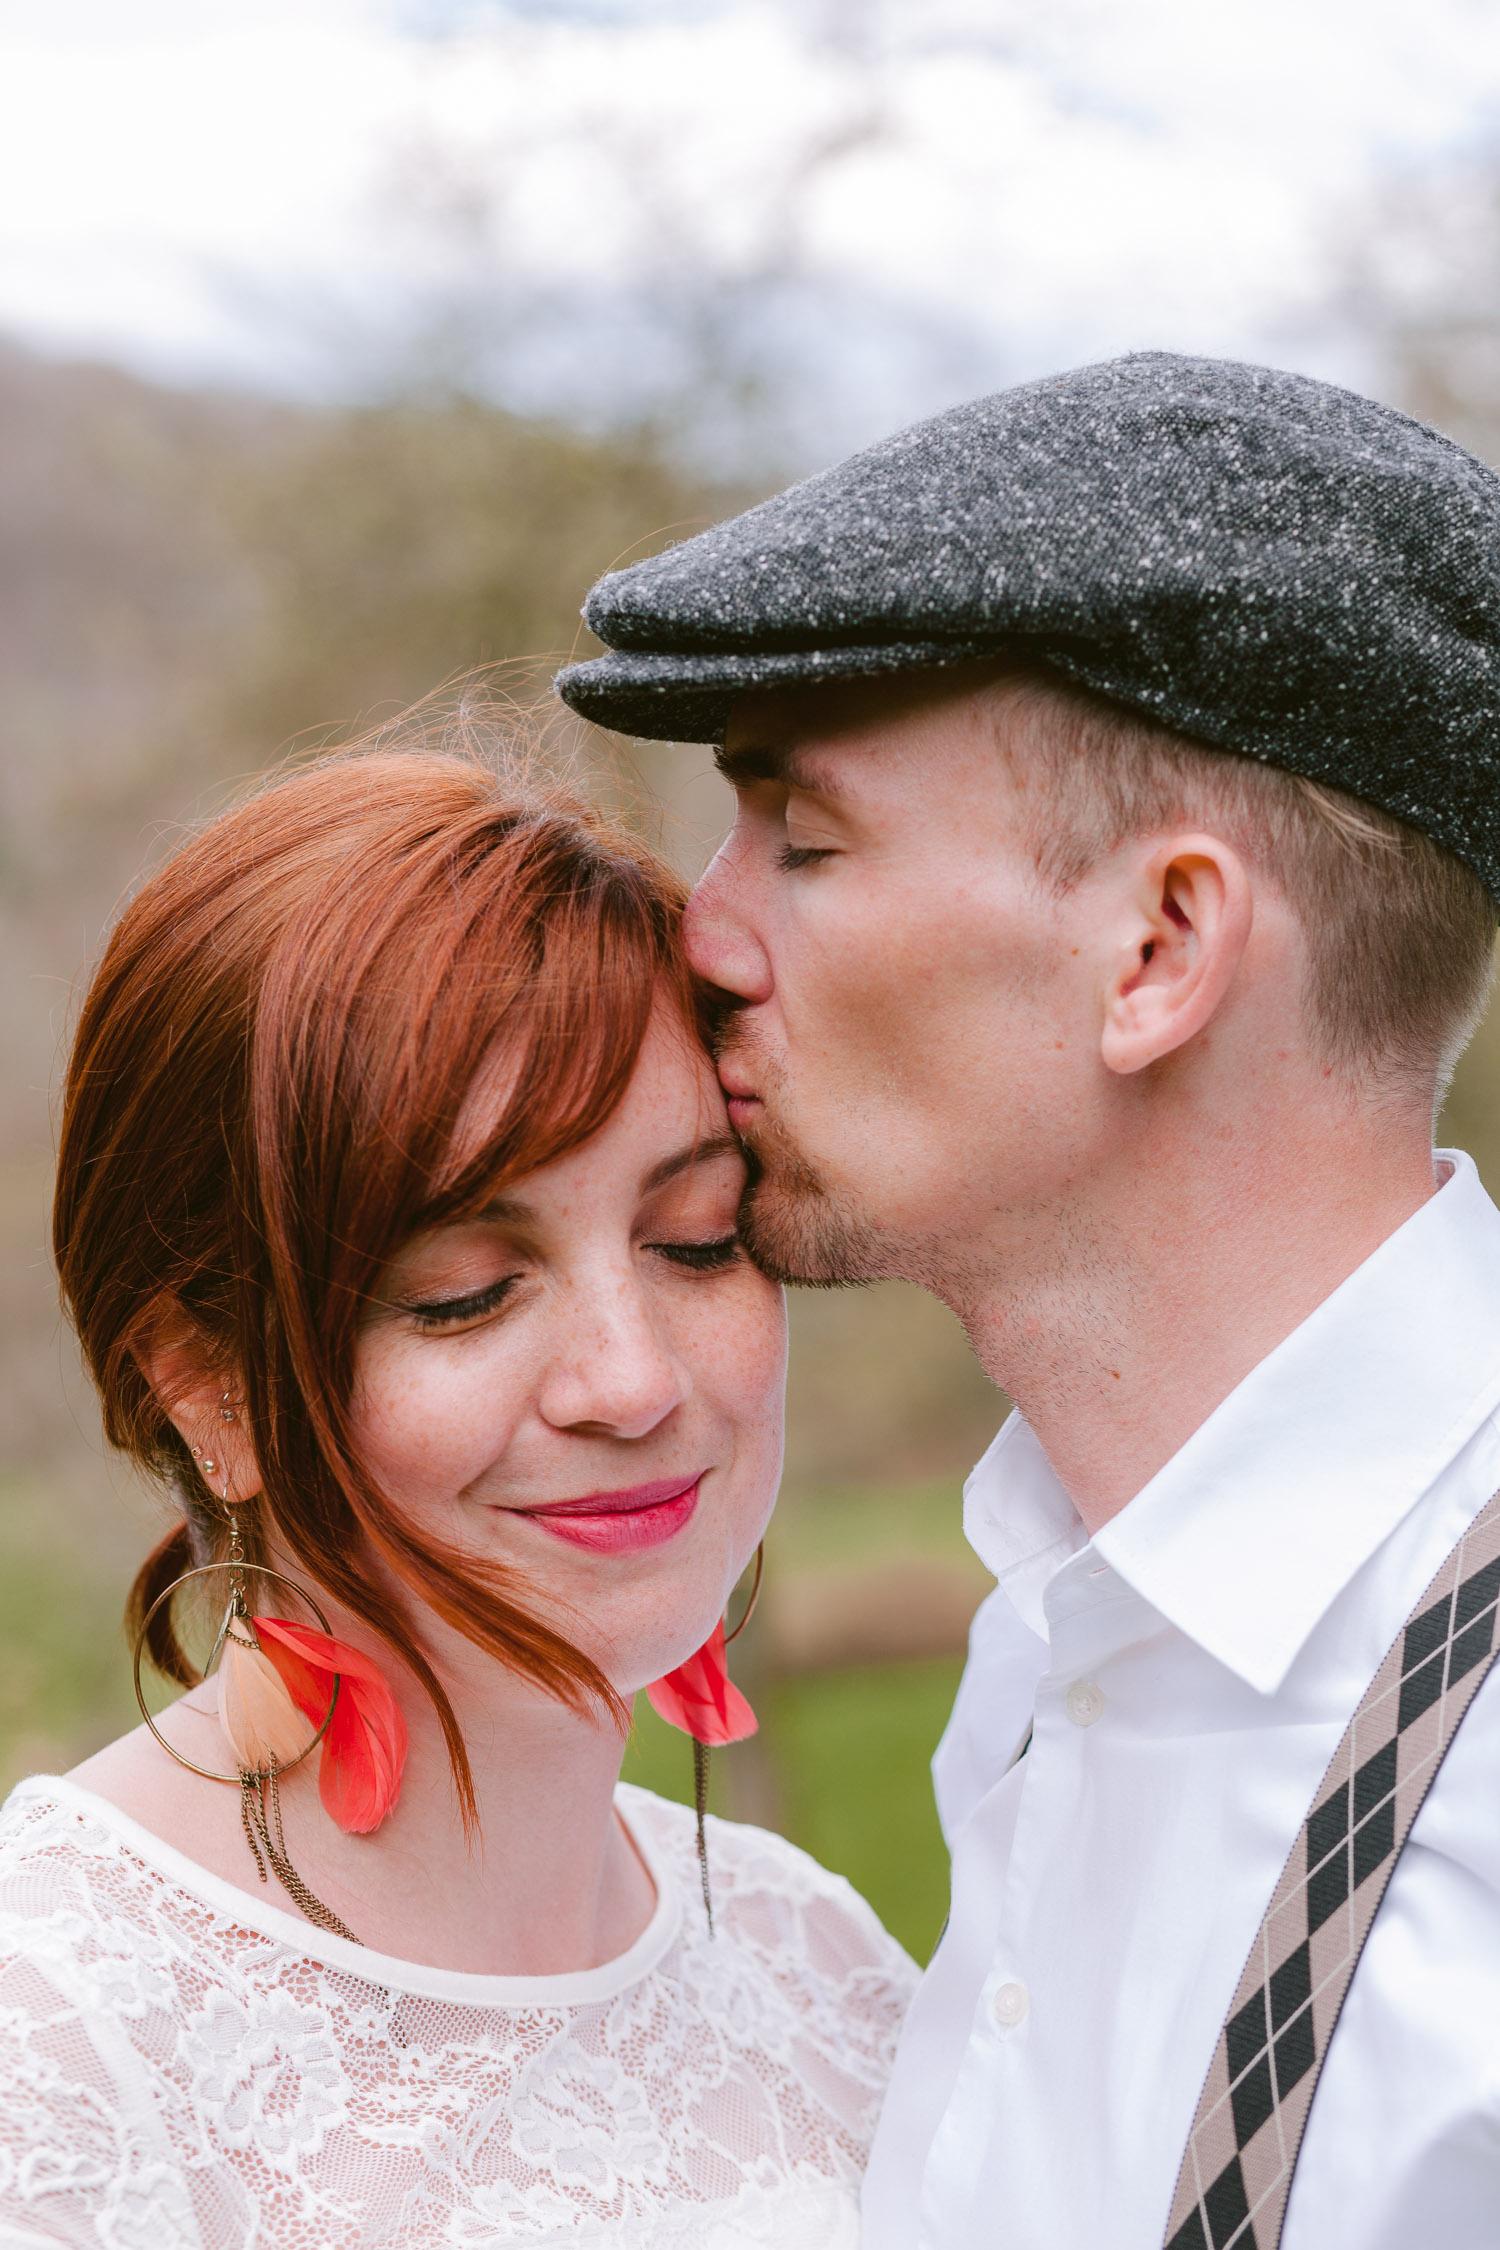 Mann mit Kappe küsst Frau seitlich auf die Schläfe. Frau trägt Federohrringe.